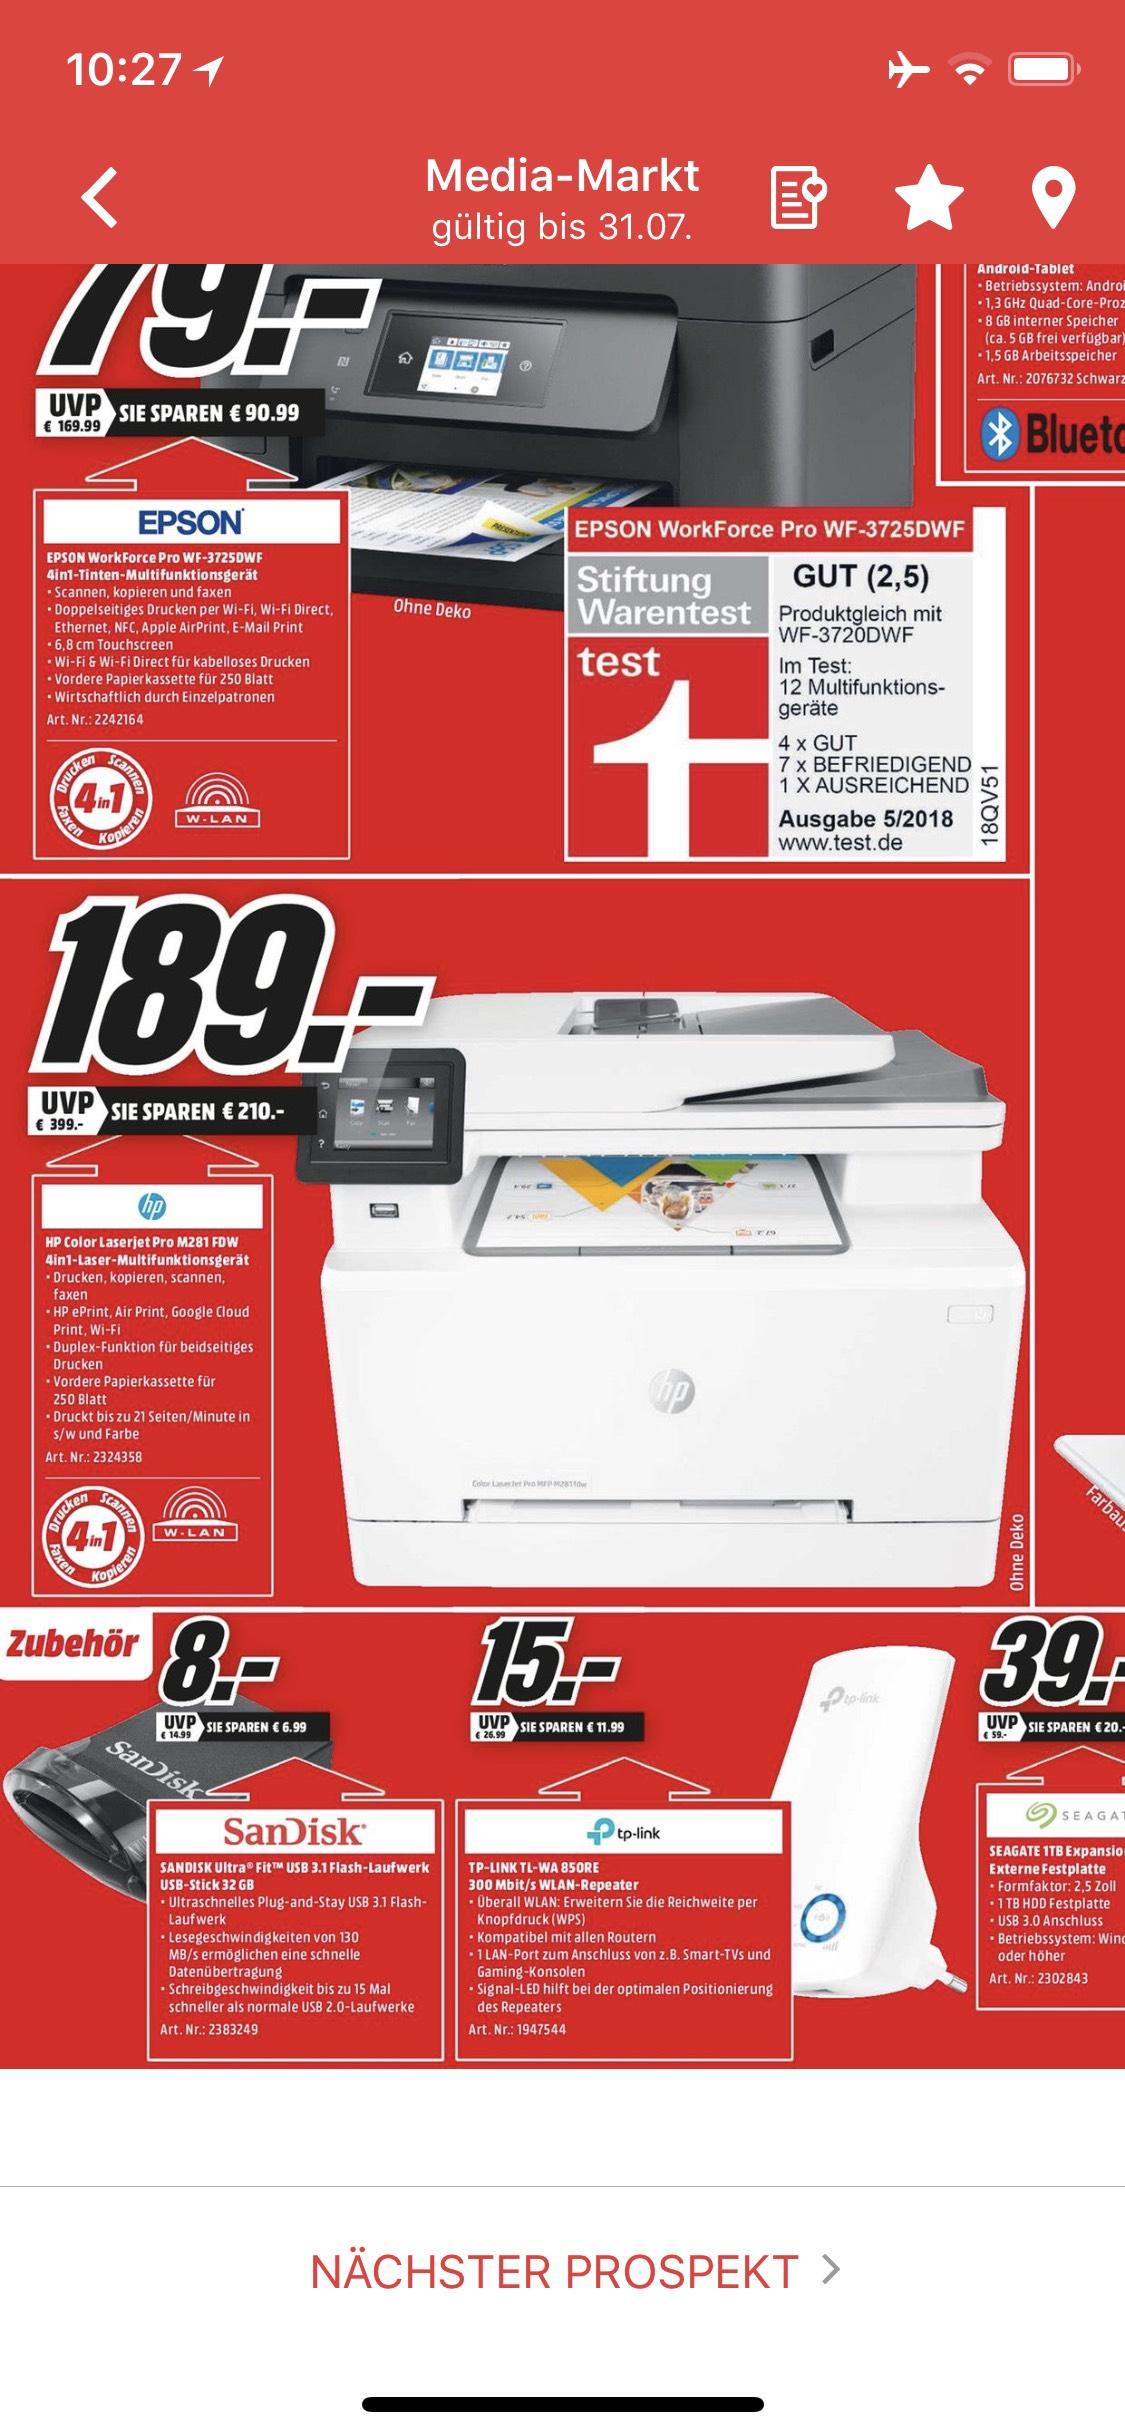 [Media Markt München Haidhausen] HP Laserjet Pro M281 FDW